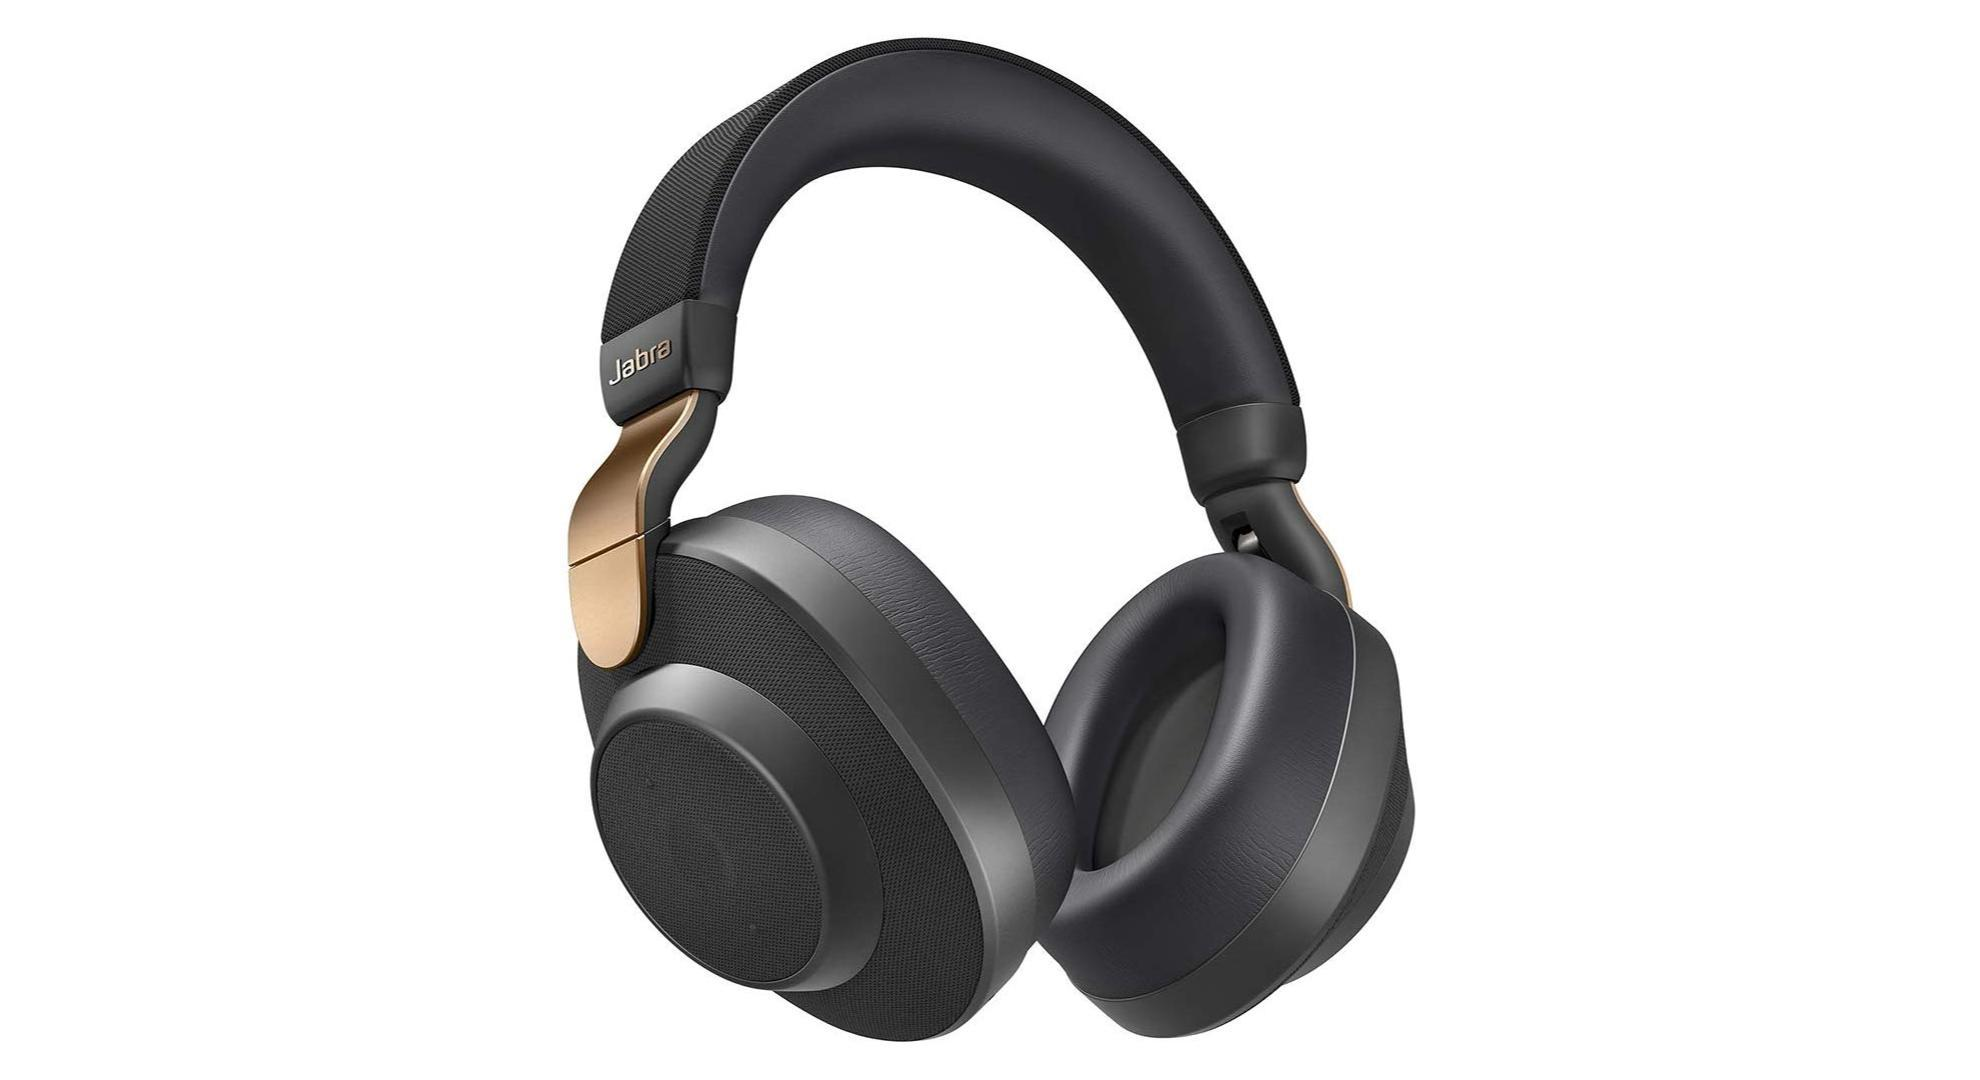 Oubliez Bose et Sony, le casque Jabra Elite 85h descend à 249 euros